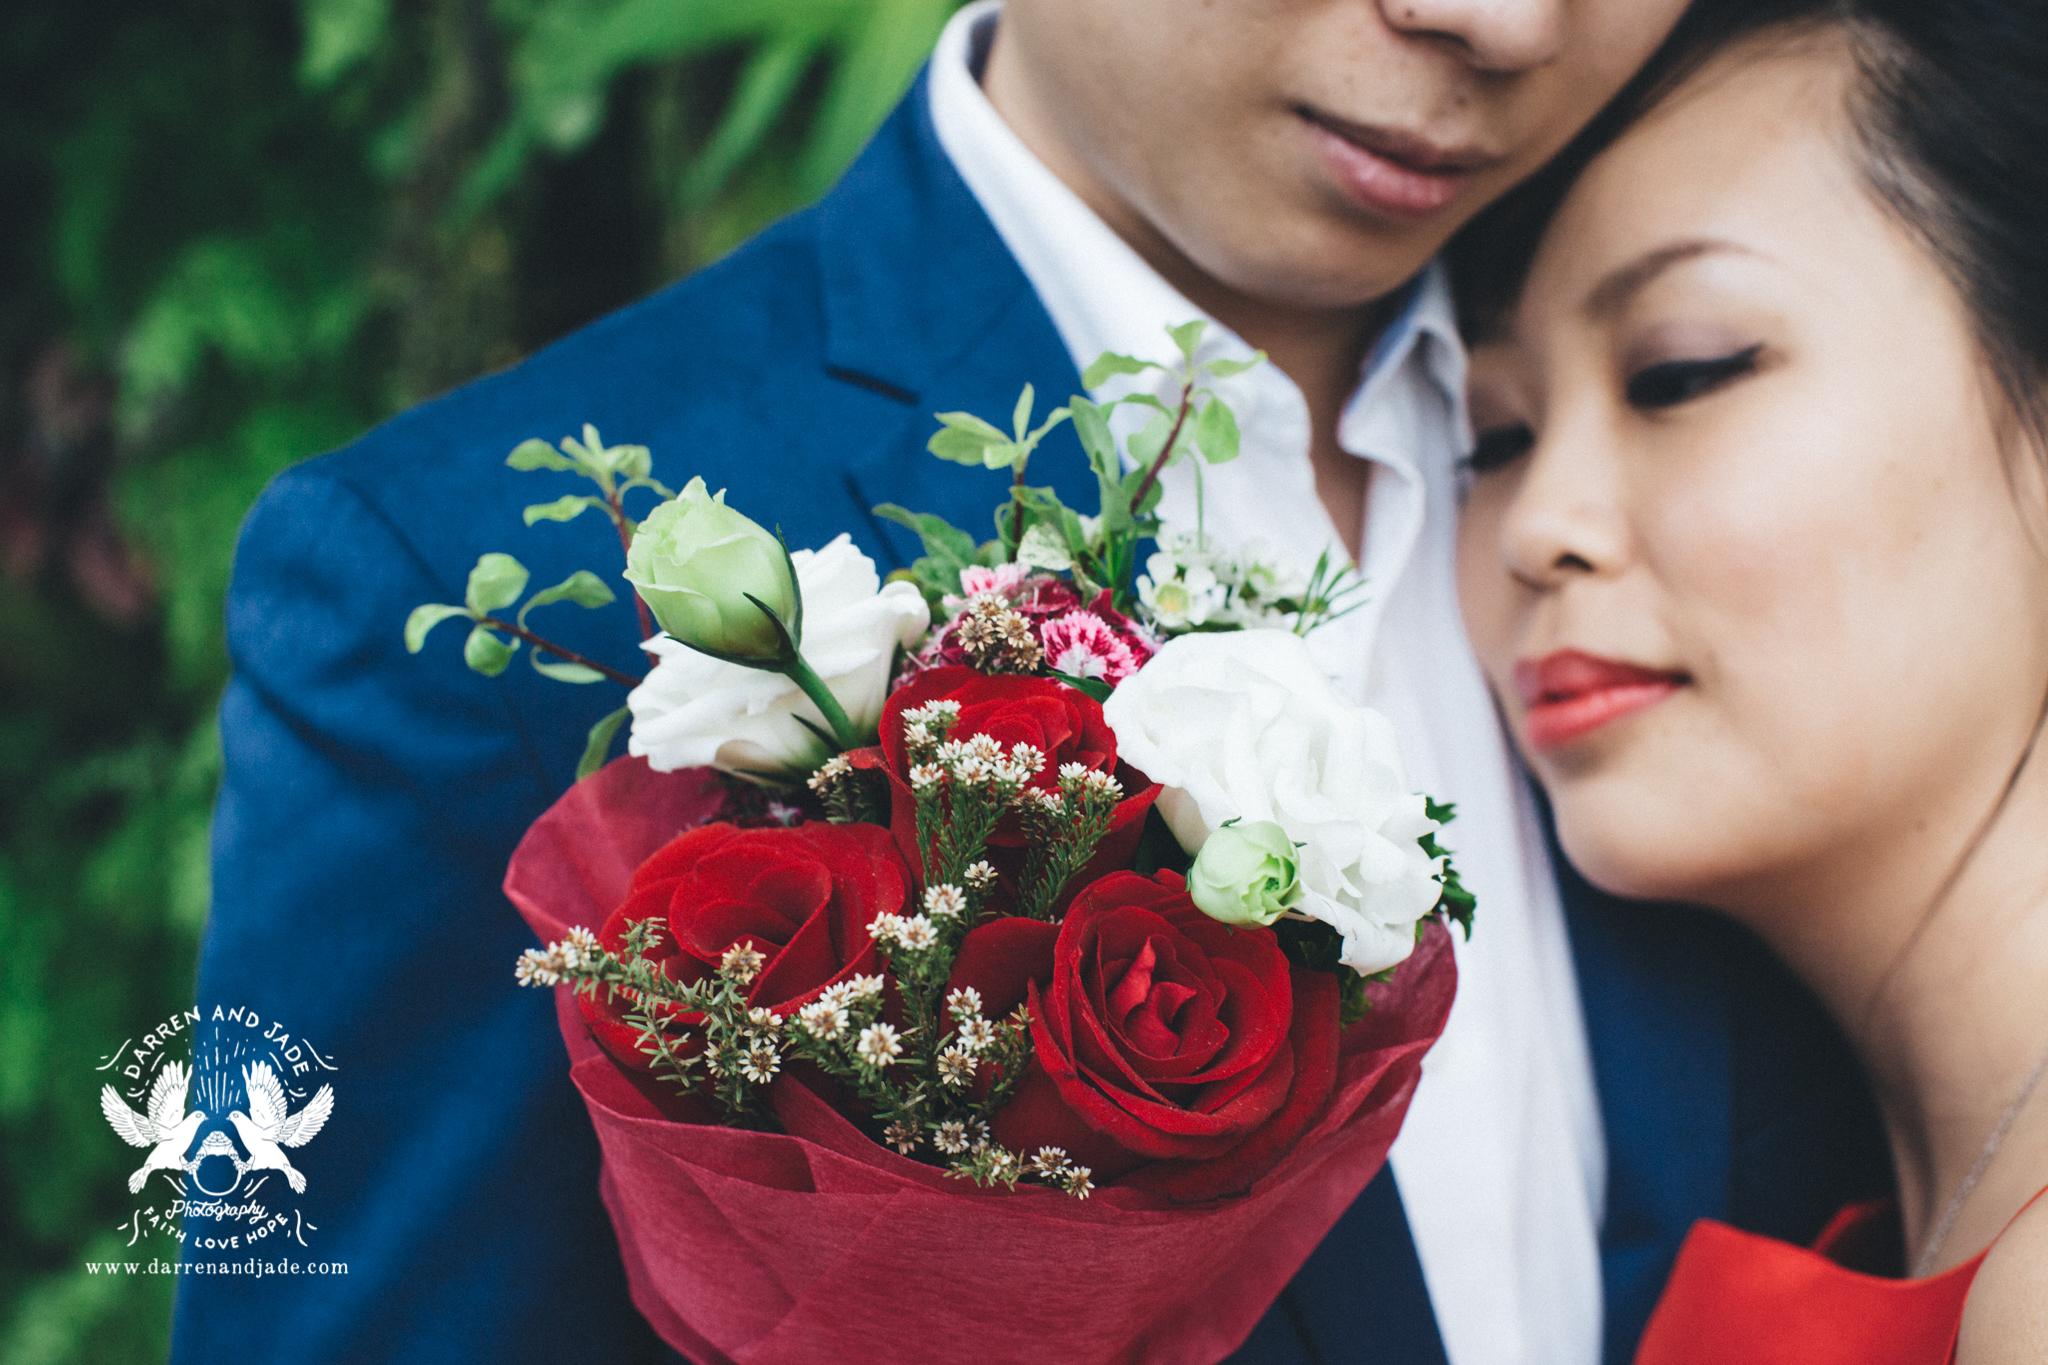 Bel & Emans - Engagement - Blog (6 of 15).jpg